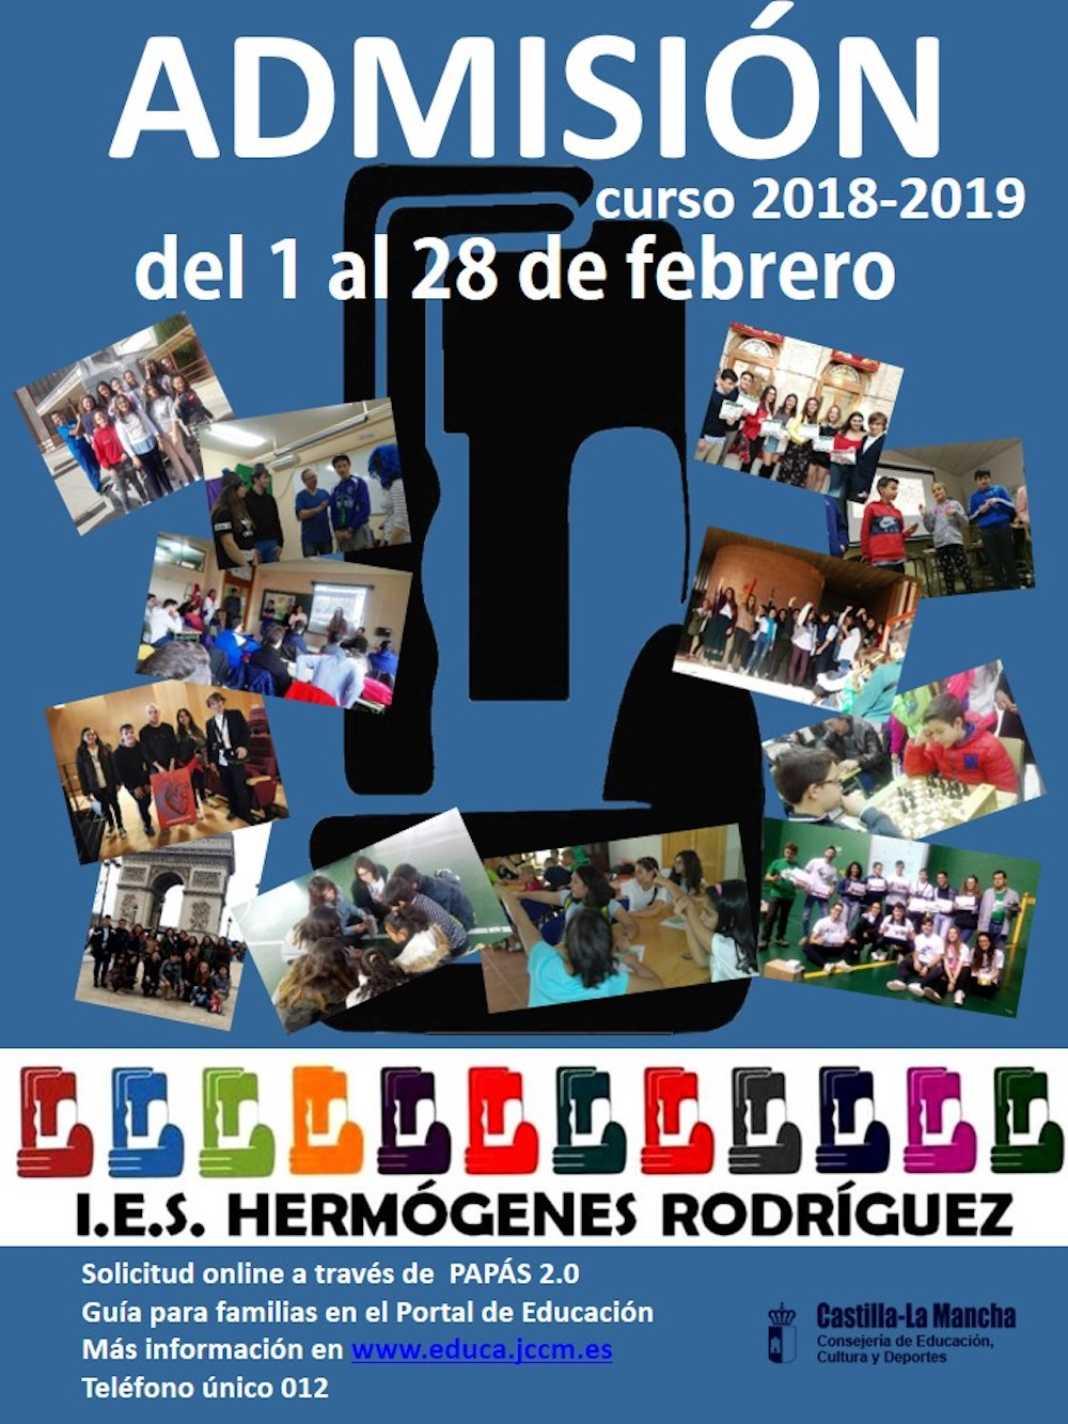 admision alumnos hermogenes rodriguez 2018 2019 1068x1424 - IES Hermógenes Rodríguez abre la admisión de alumnos para 2018-2019